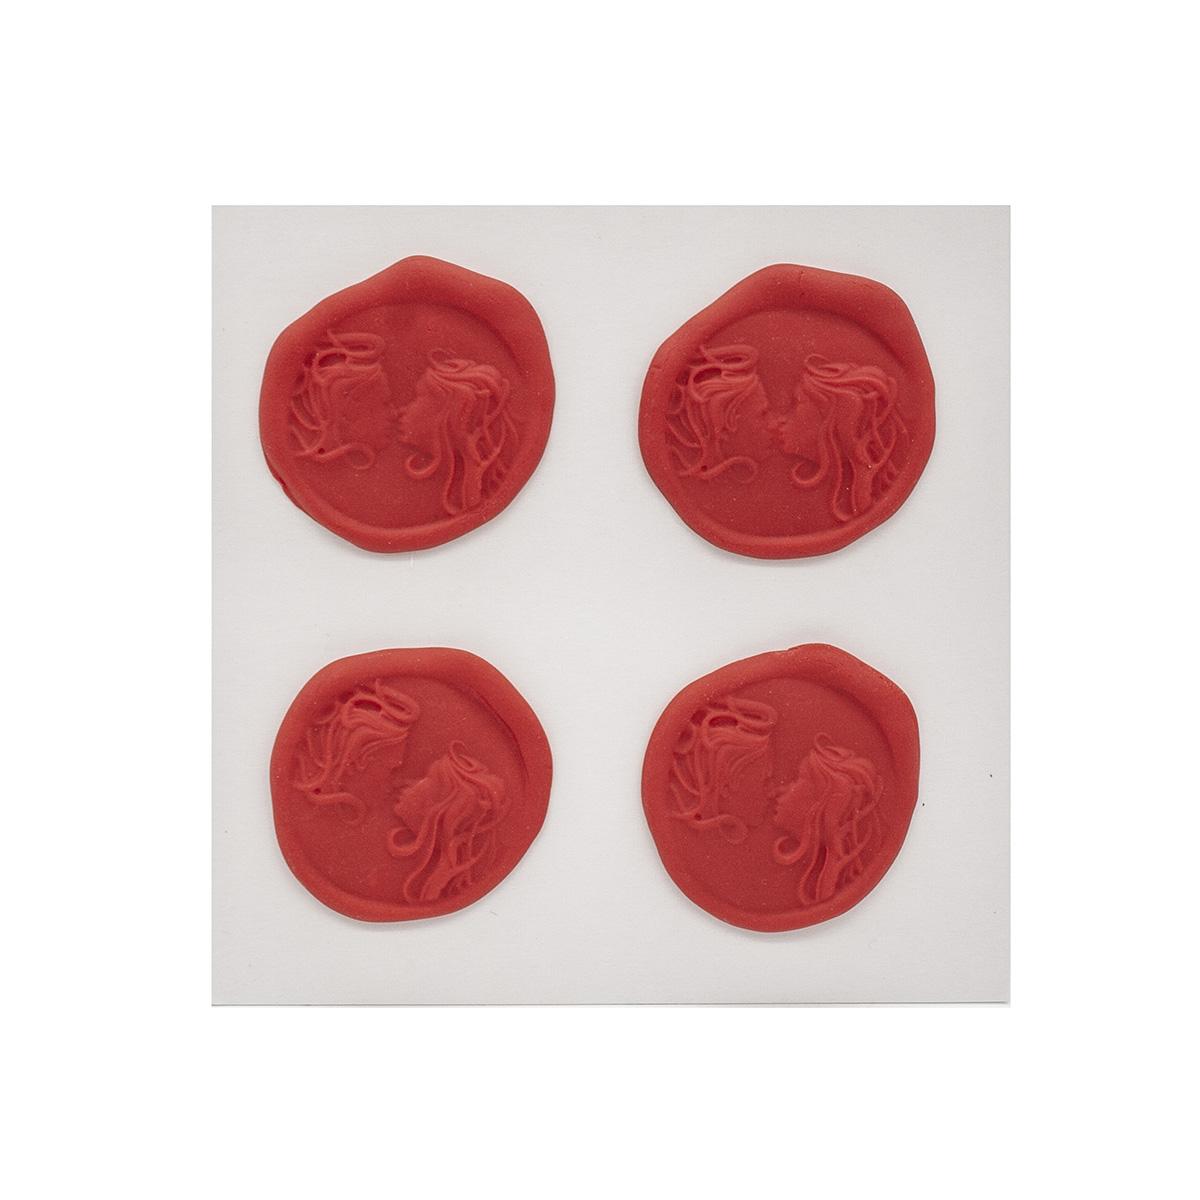 Оттиски печатей из полимерной глины 'Пара' 30*35мм,